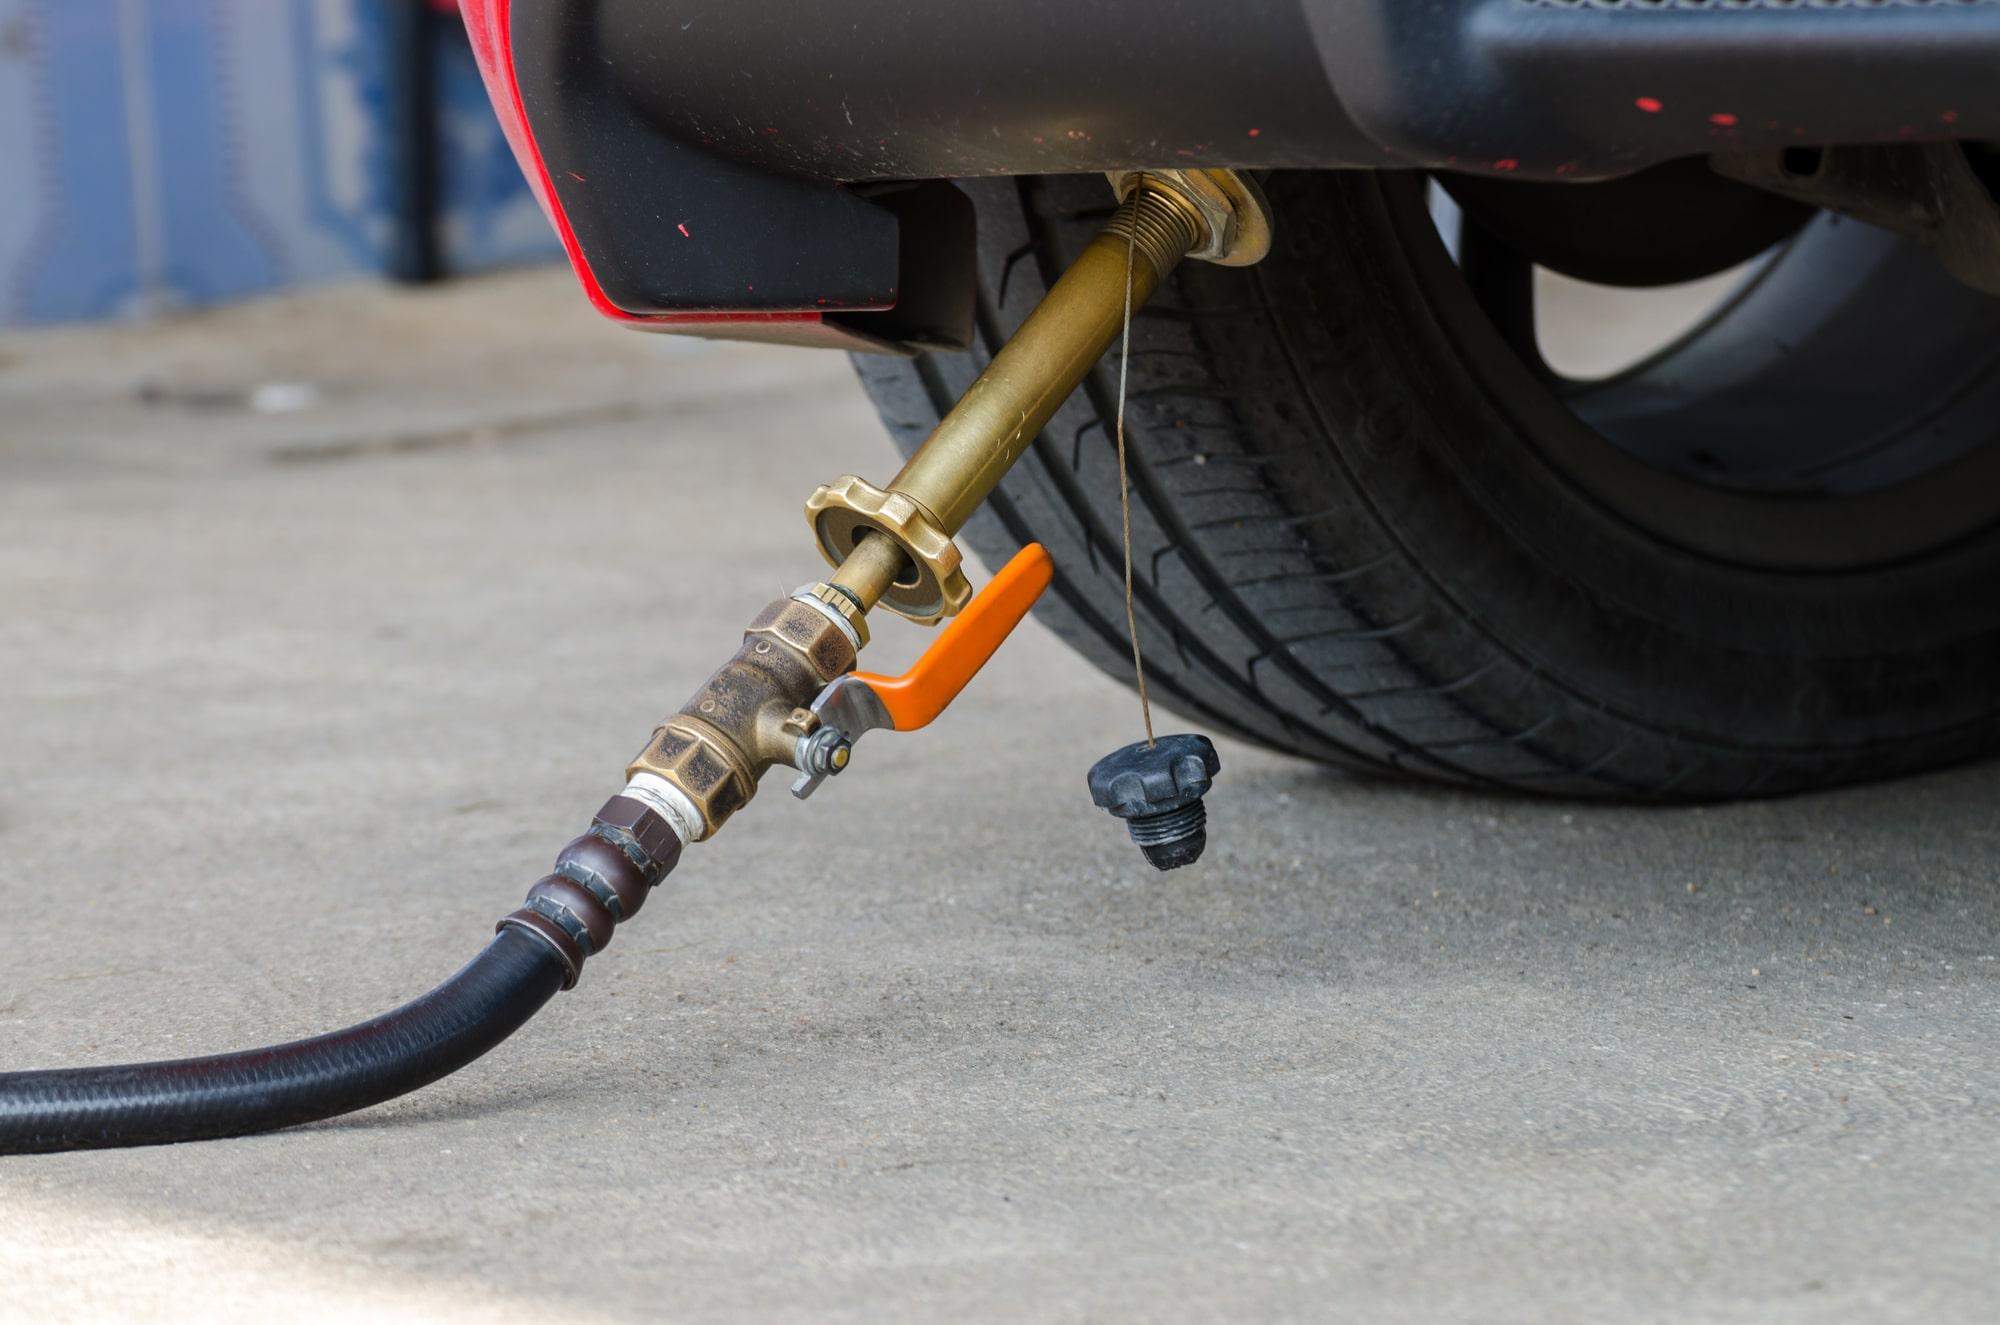 СПГ вместо КПГ: почему государство сокращает поддержку транспорта на компримированном газе?